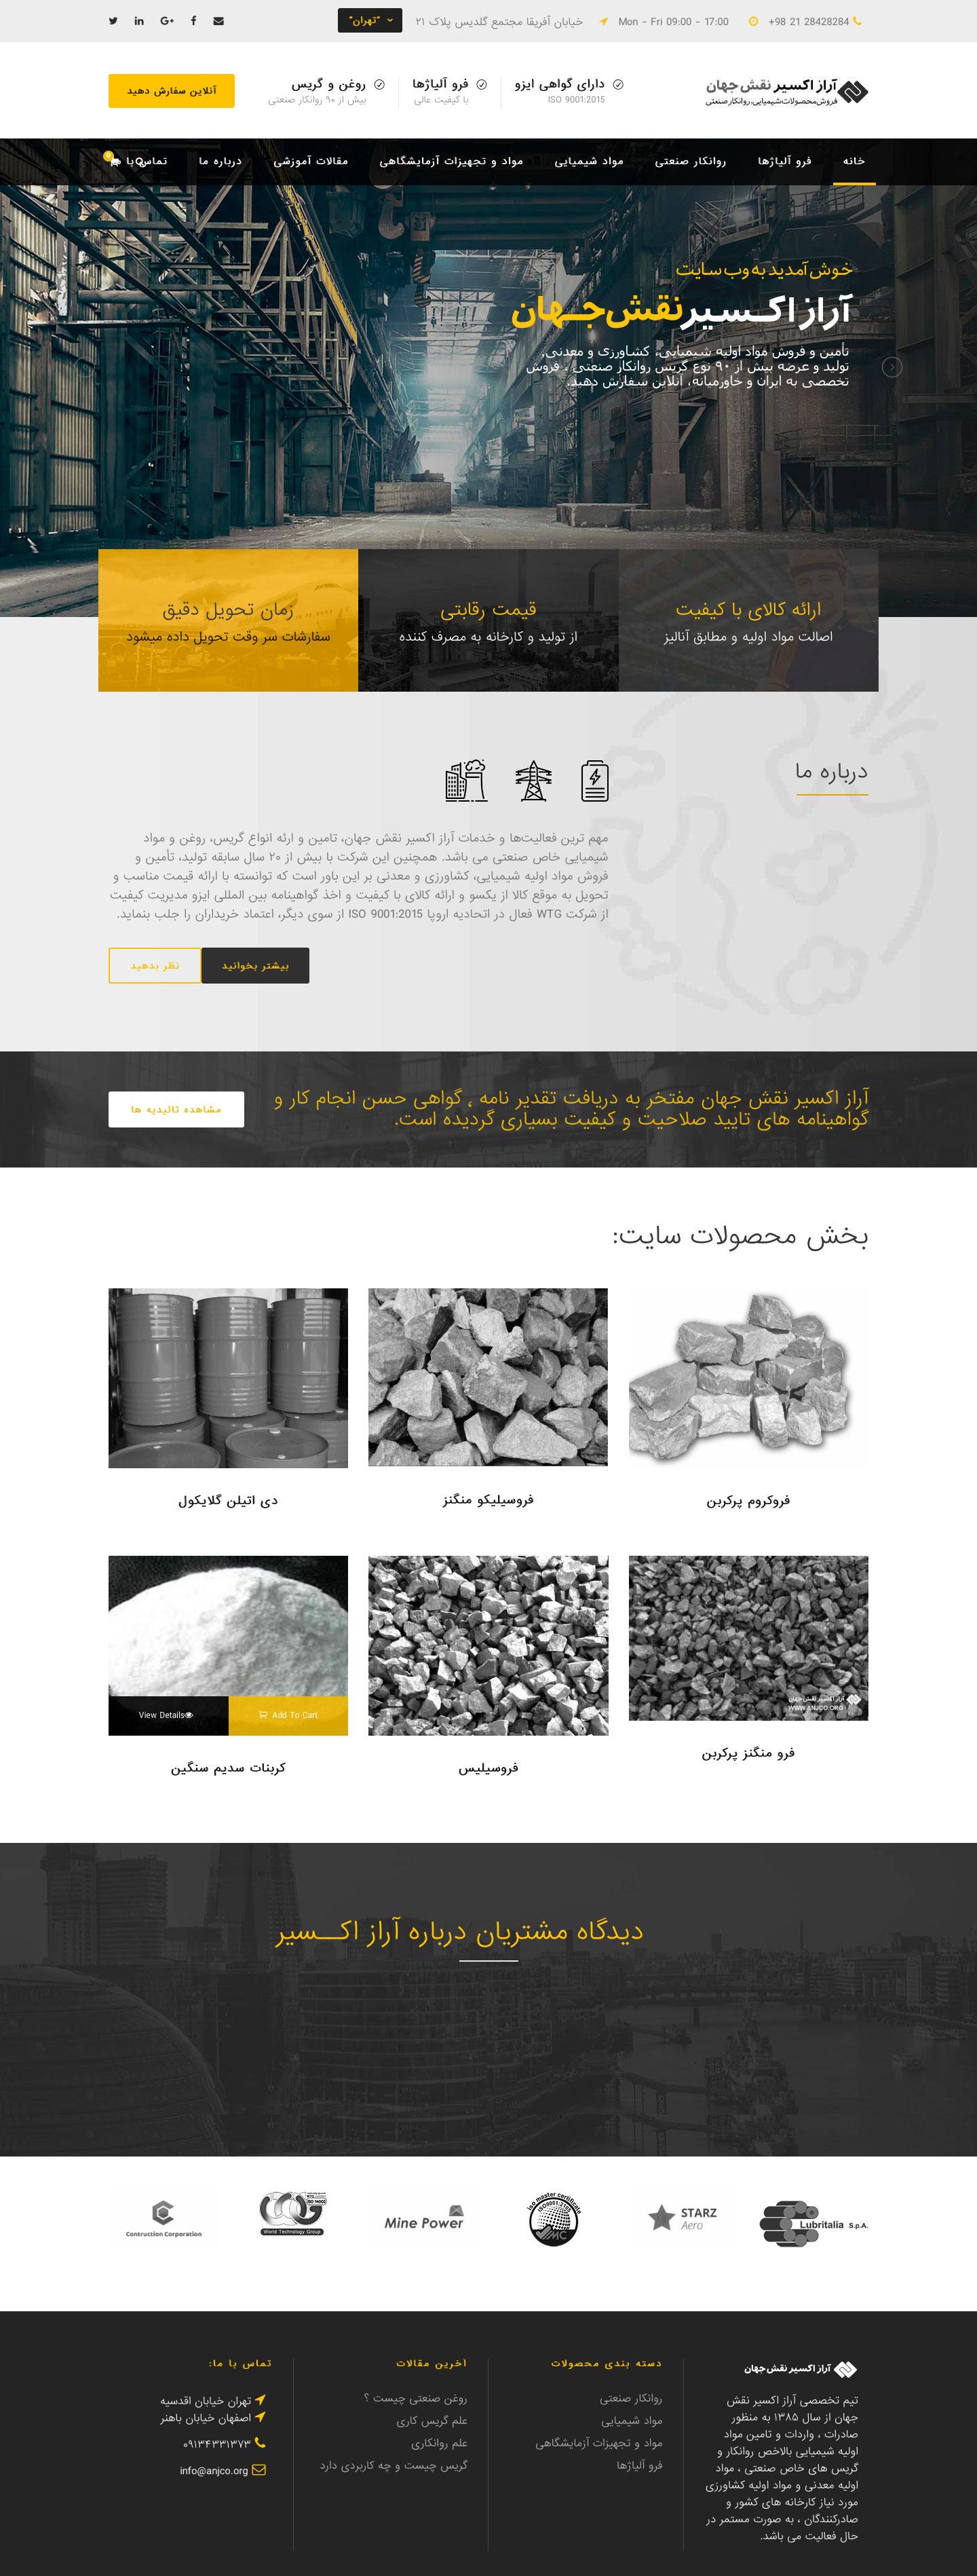 طراحی وب سایت شرکت آراز اکسیر